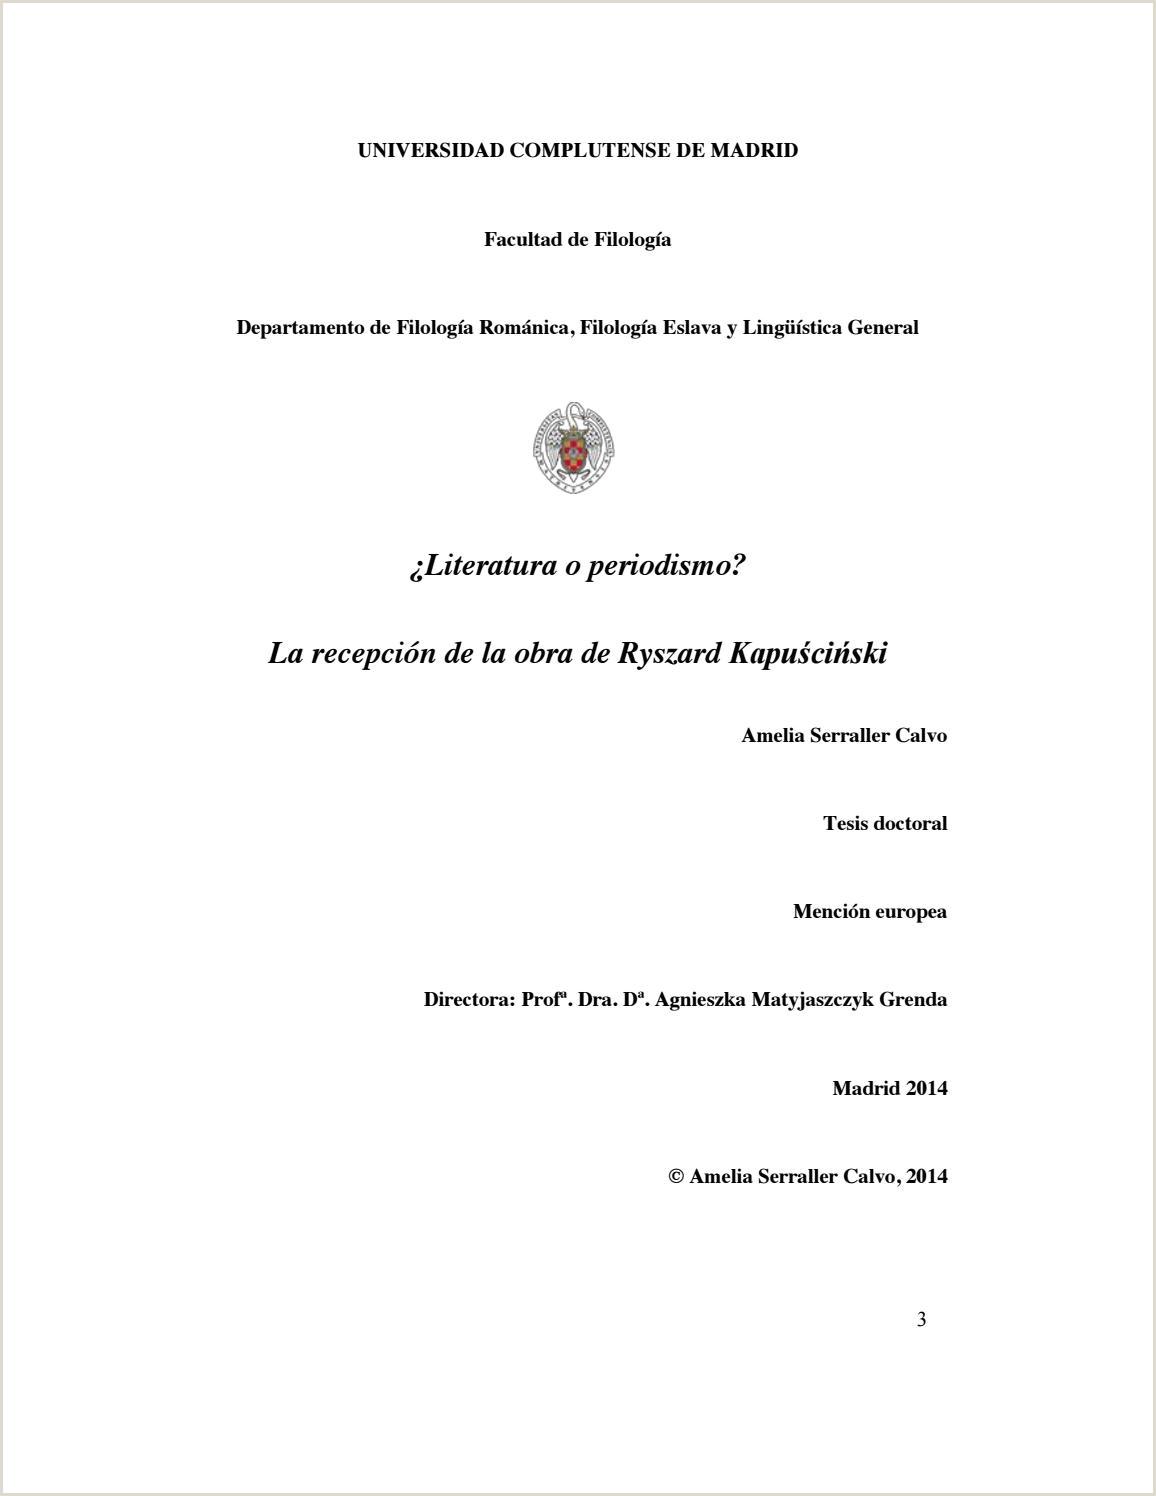 Formato Hoja De Vida Banco Popular Literatura O Periodismo La Recepci³n De La Obra De Ryzard